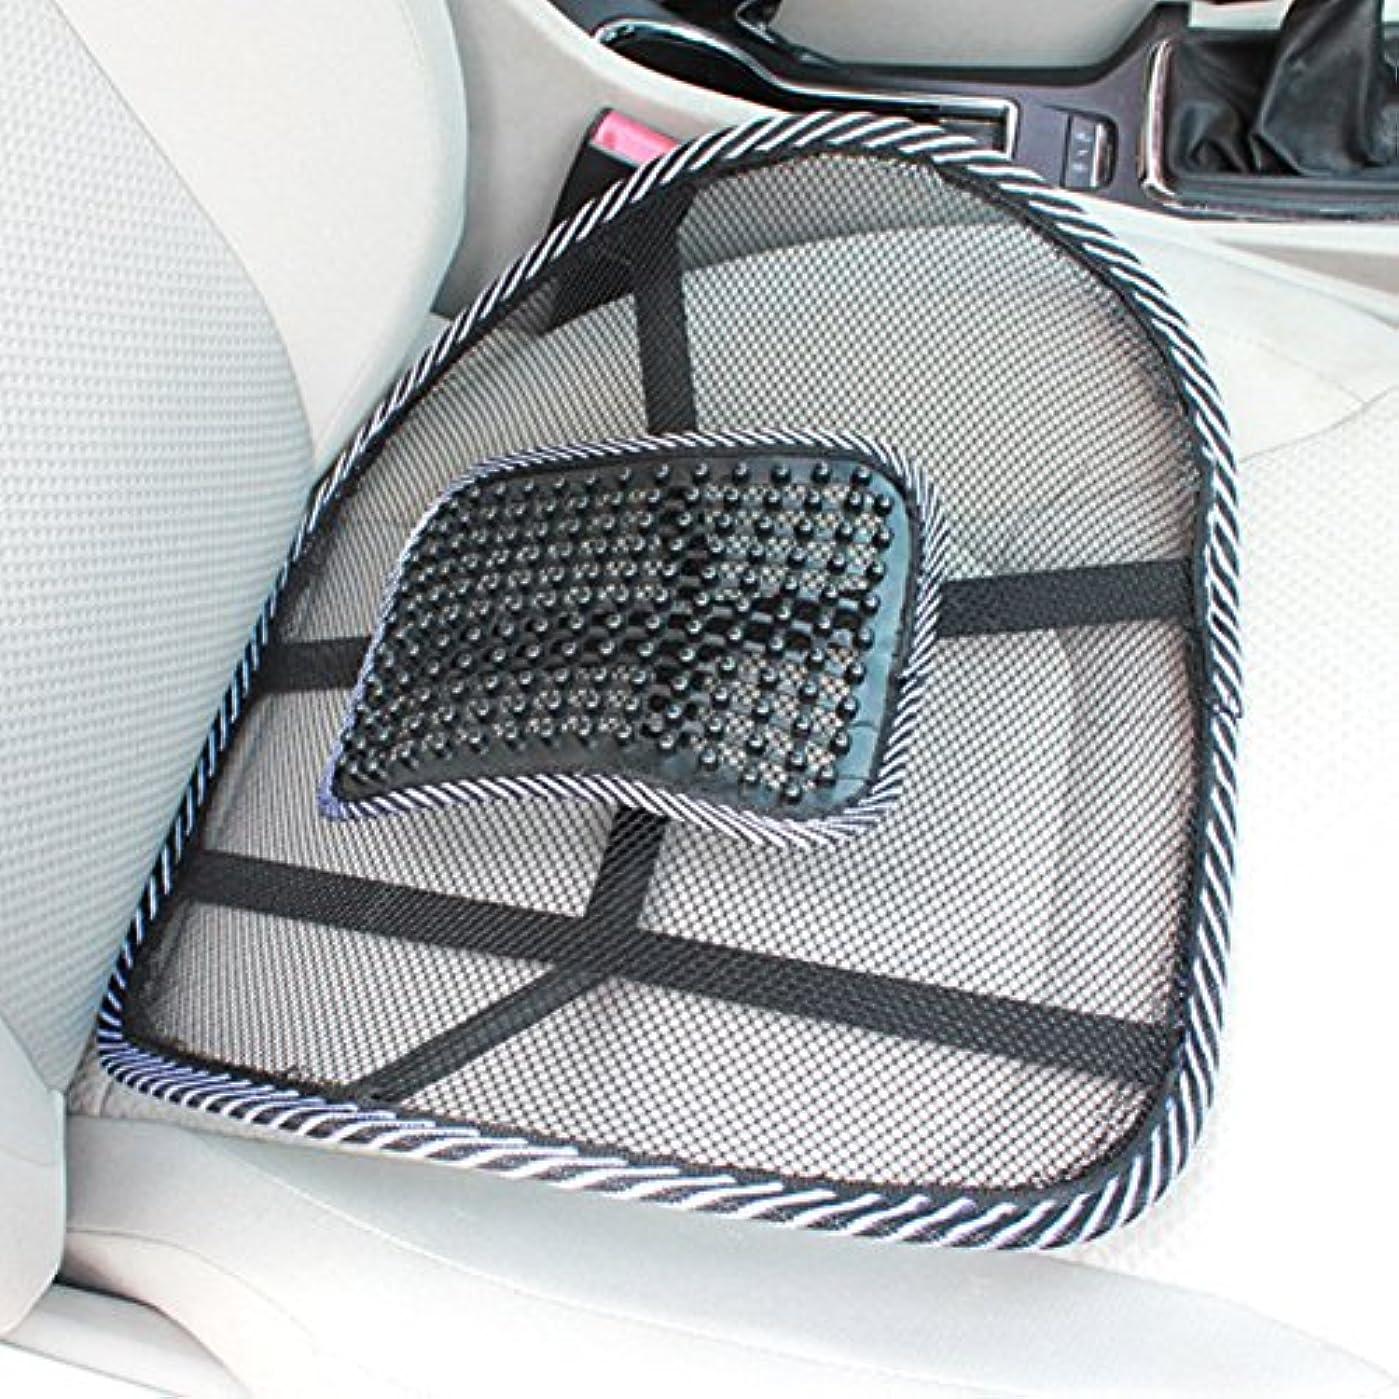 アルネ上陸会員椅子のマッサージバック腰椎サポートメッシュ換気クッションパッド車のオフィスの座席車、オフィス、または自宅の座席のマッサージでリラックスサポート